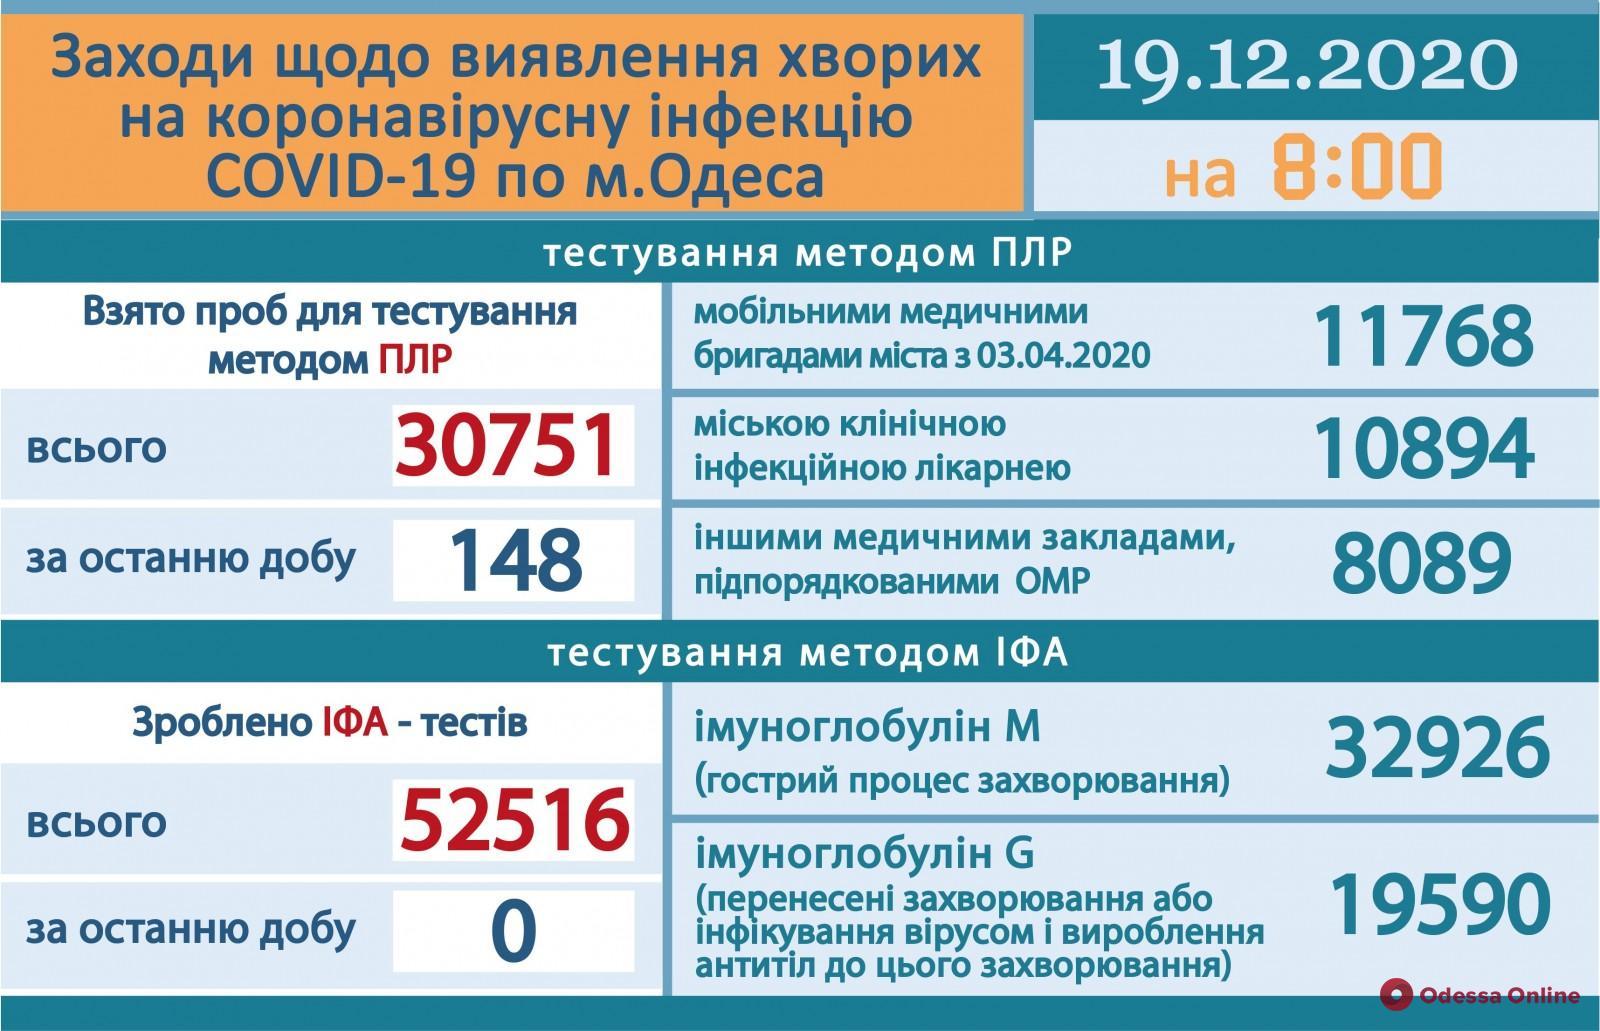 В Одесской области за сутки зарегистрировали 1 201 новый случай COVID-19